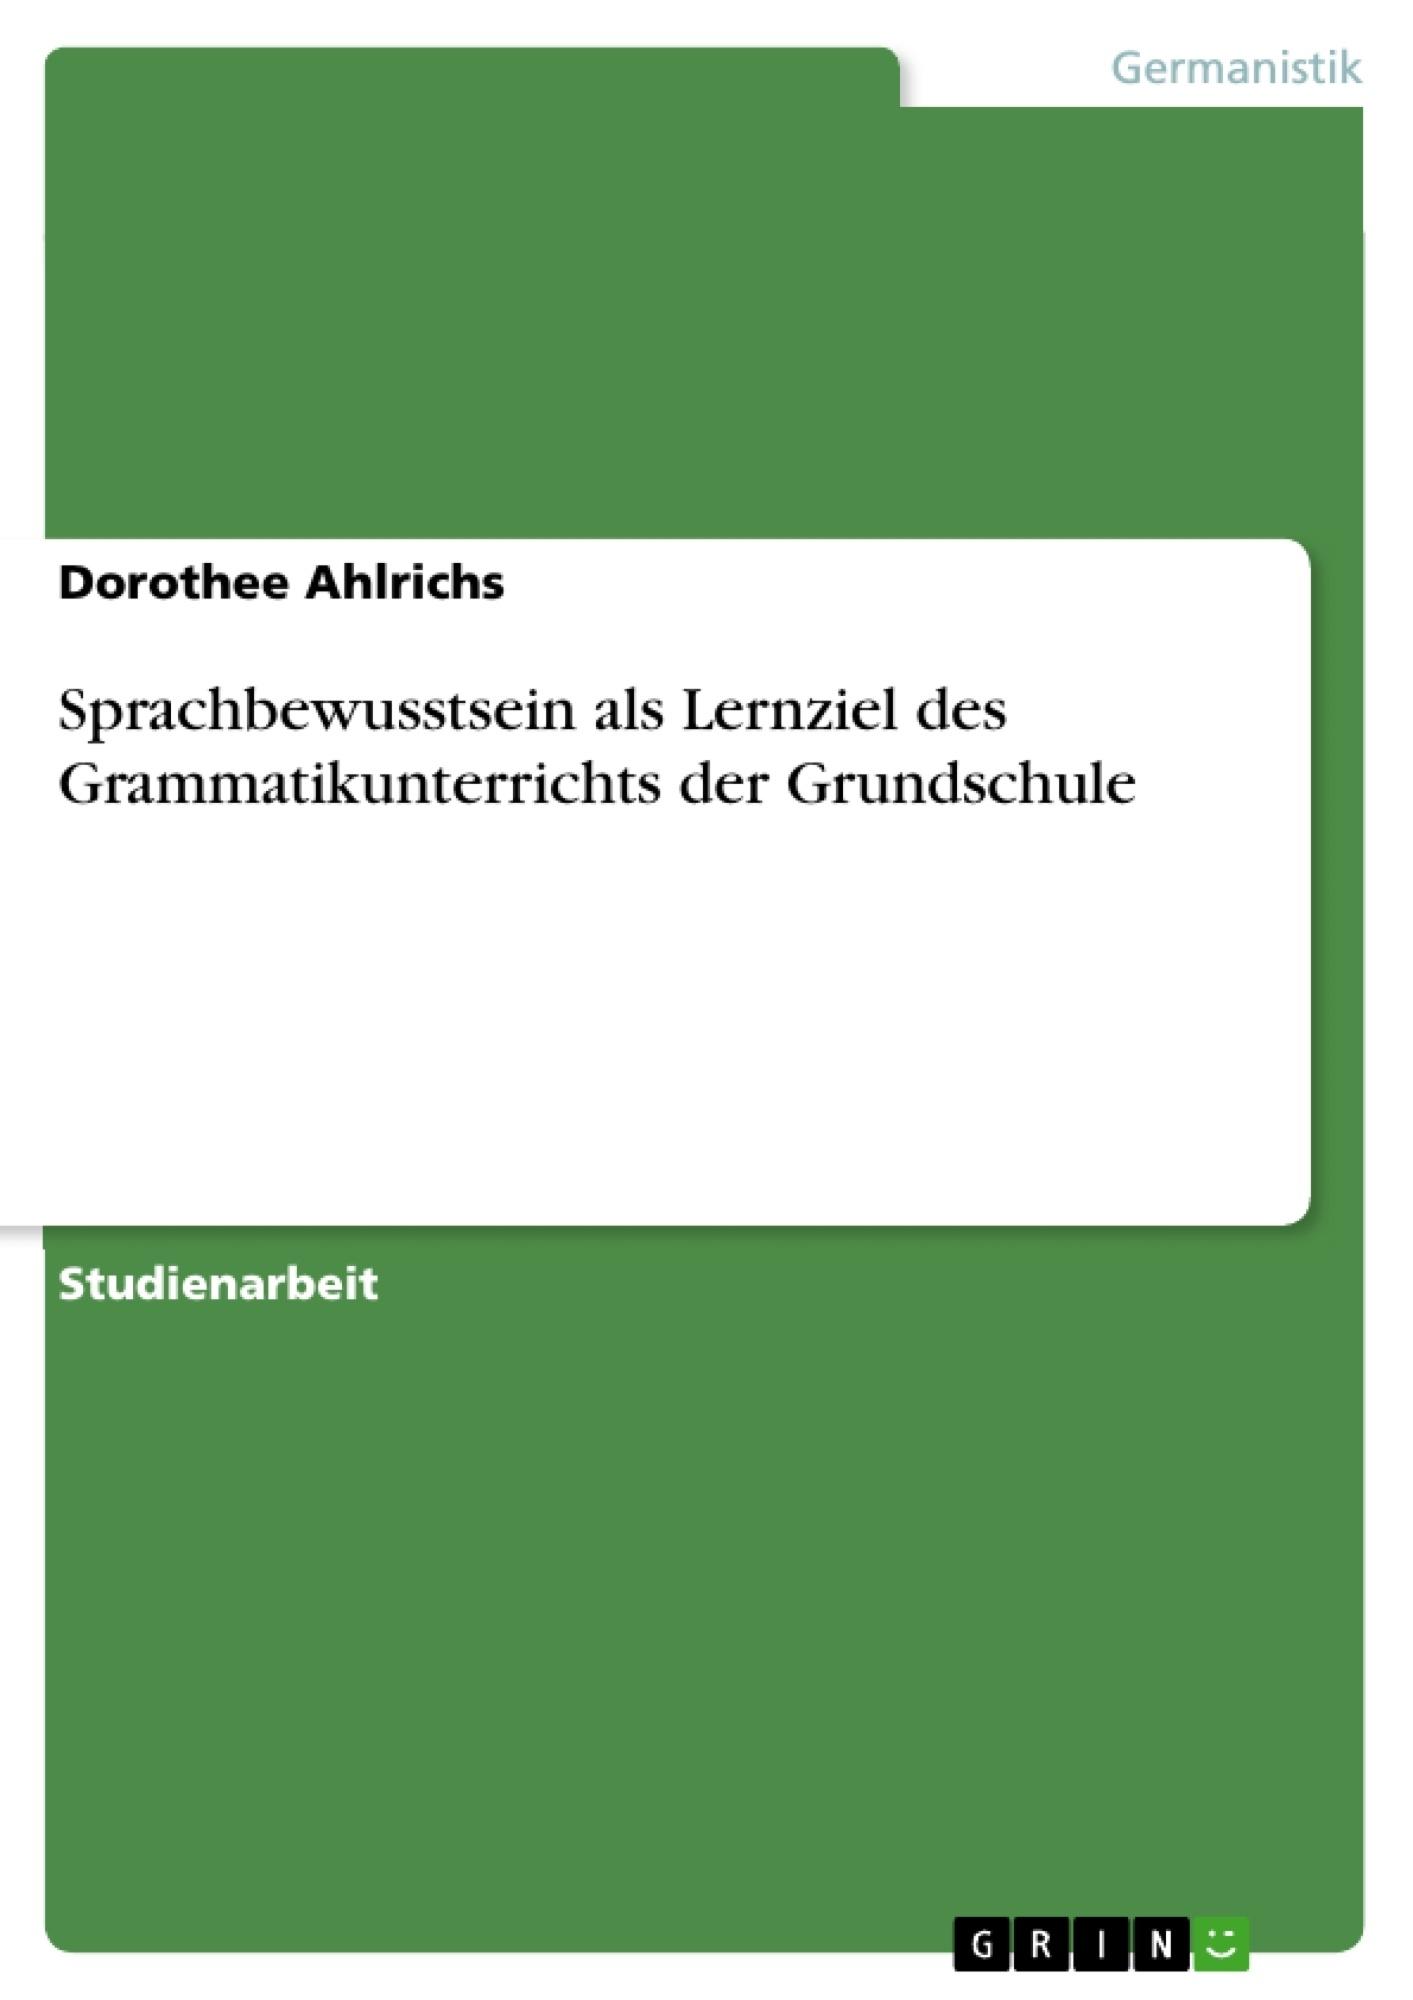 Titel: Sprachbewusstsein als Lernziel des Grammatikunterrichts der Grundschule